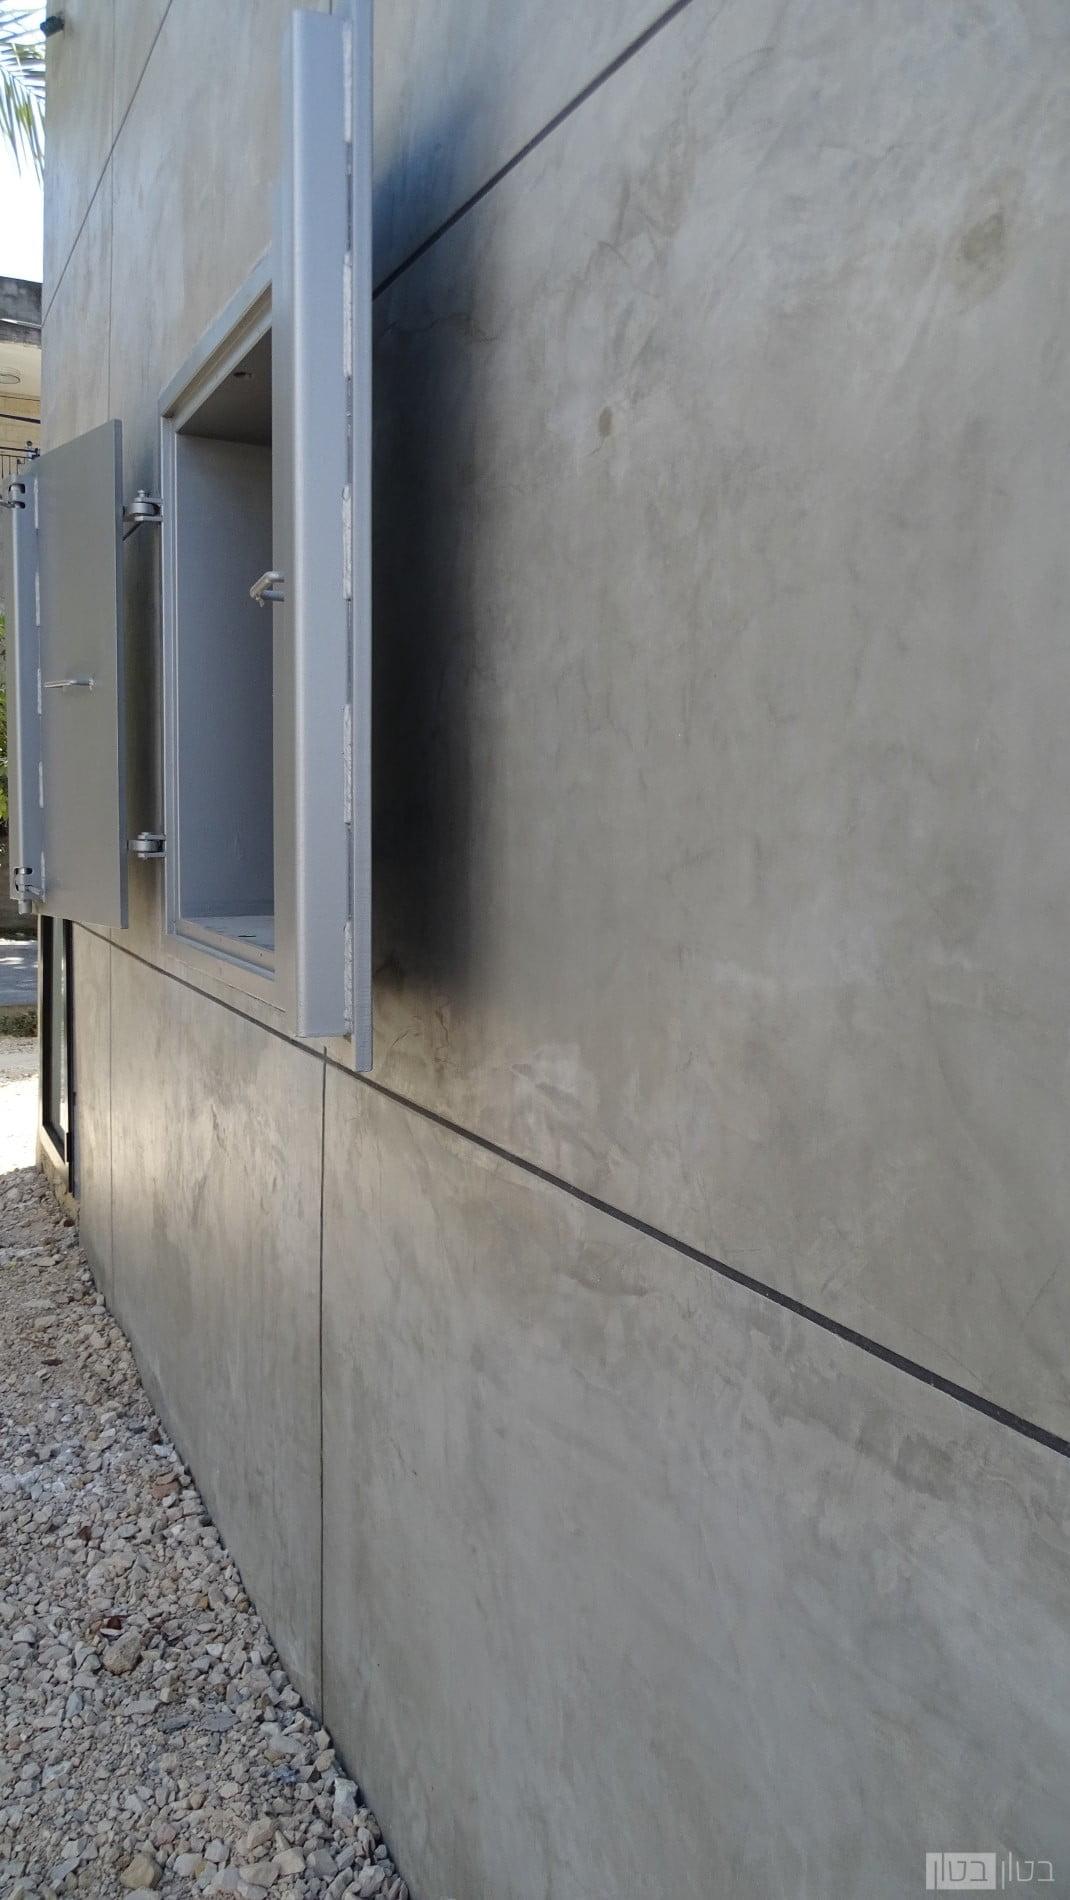 חיפוי בטון דמוי אריחי בטון